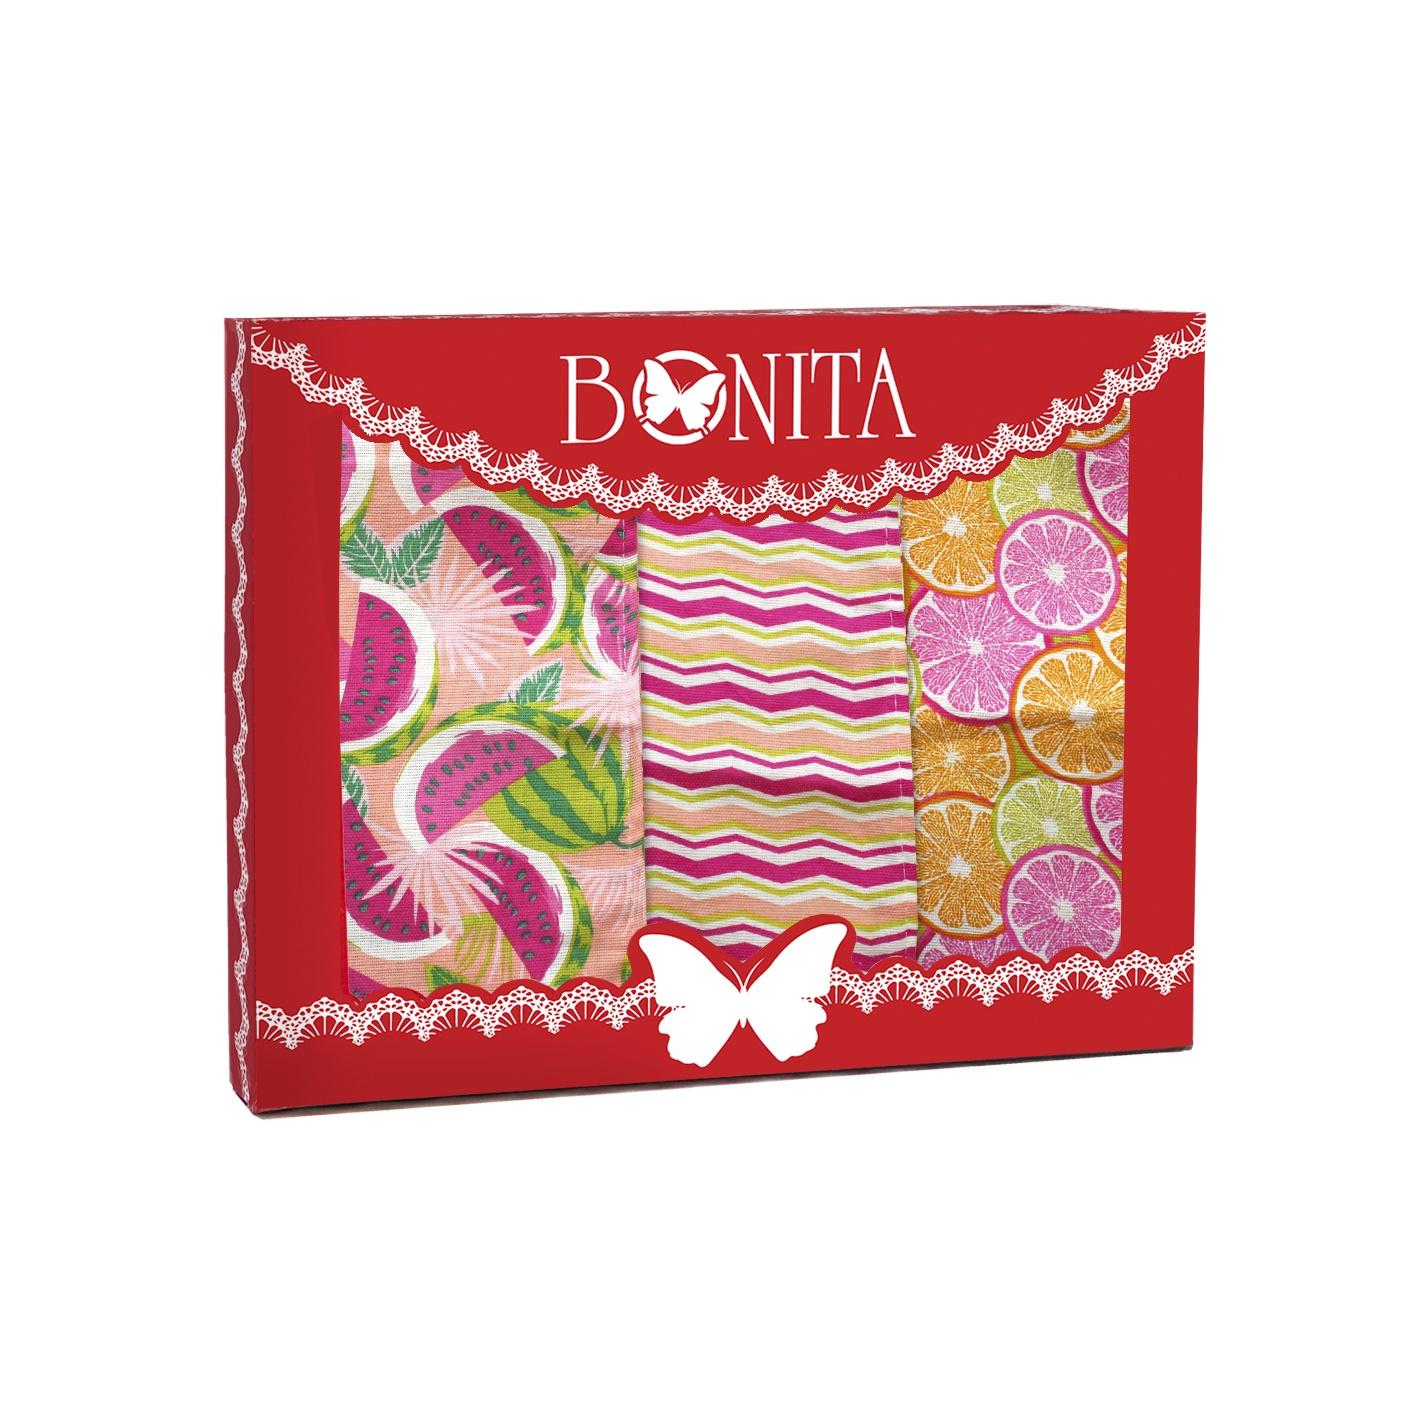 Набор кухонных полотенец Bonita Сахарный арбуз, красный, розовый, зеленый цена и фото